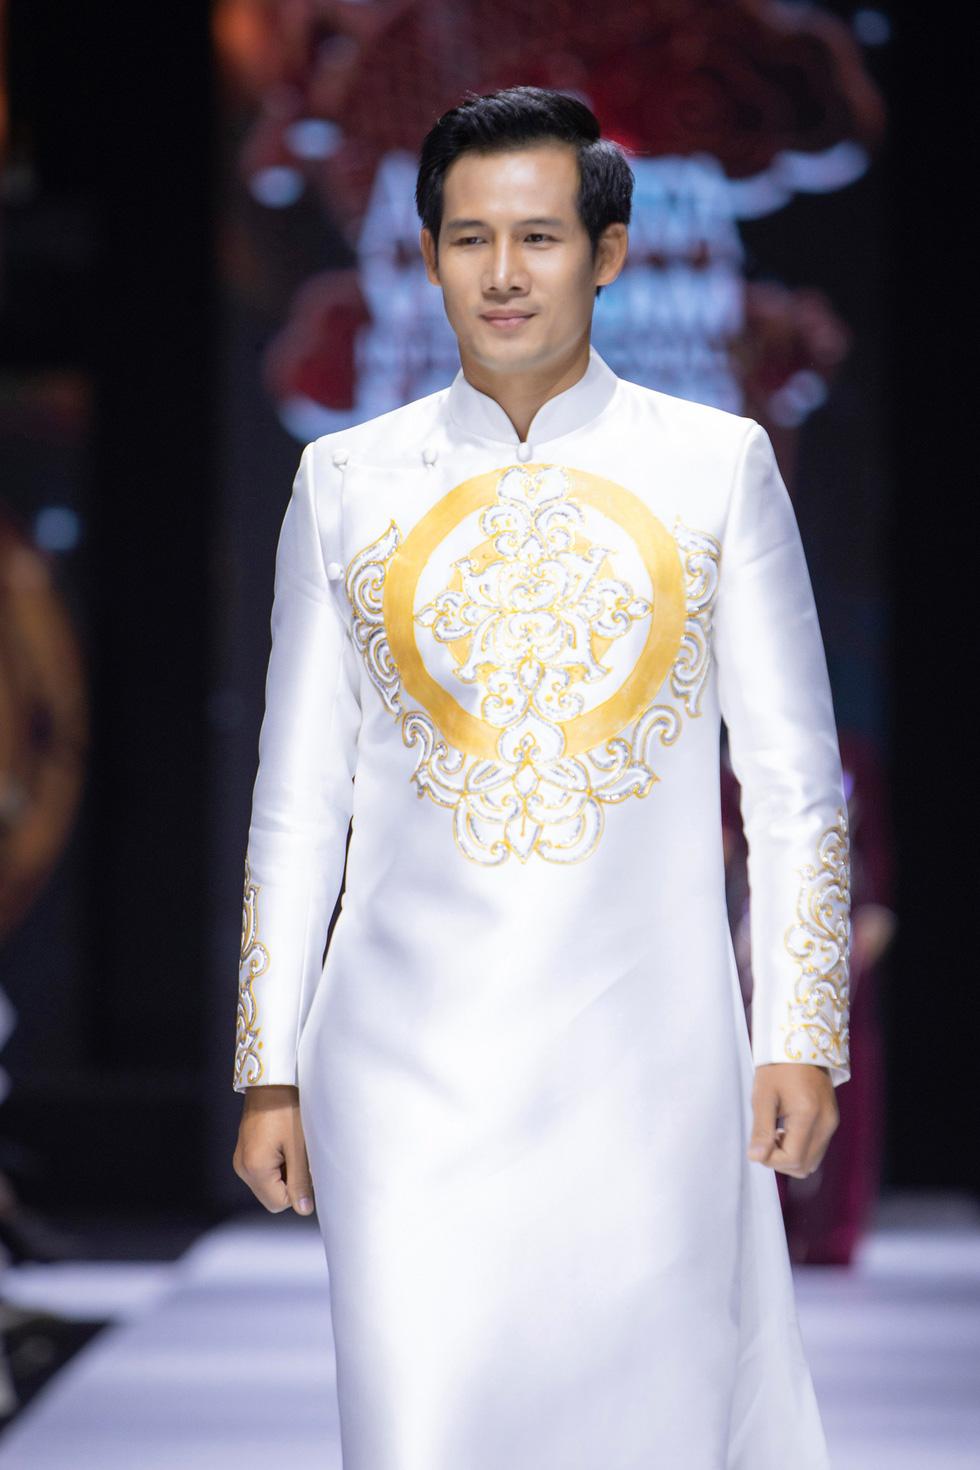 Hoa hậu Khánh Vân làm vedette, NSND Hồng Vân làm người mẫu catwalk cho nhà thiết kế Minh Châu - Ảnh 8.